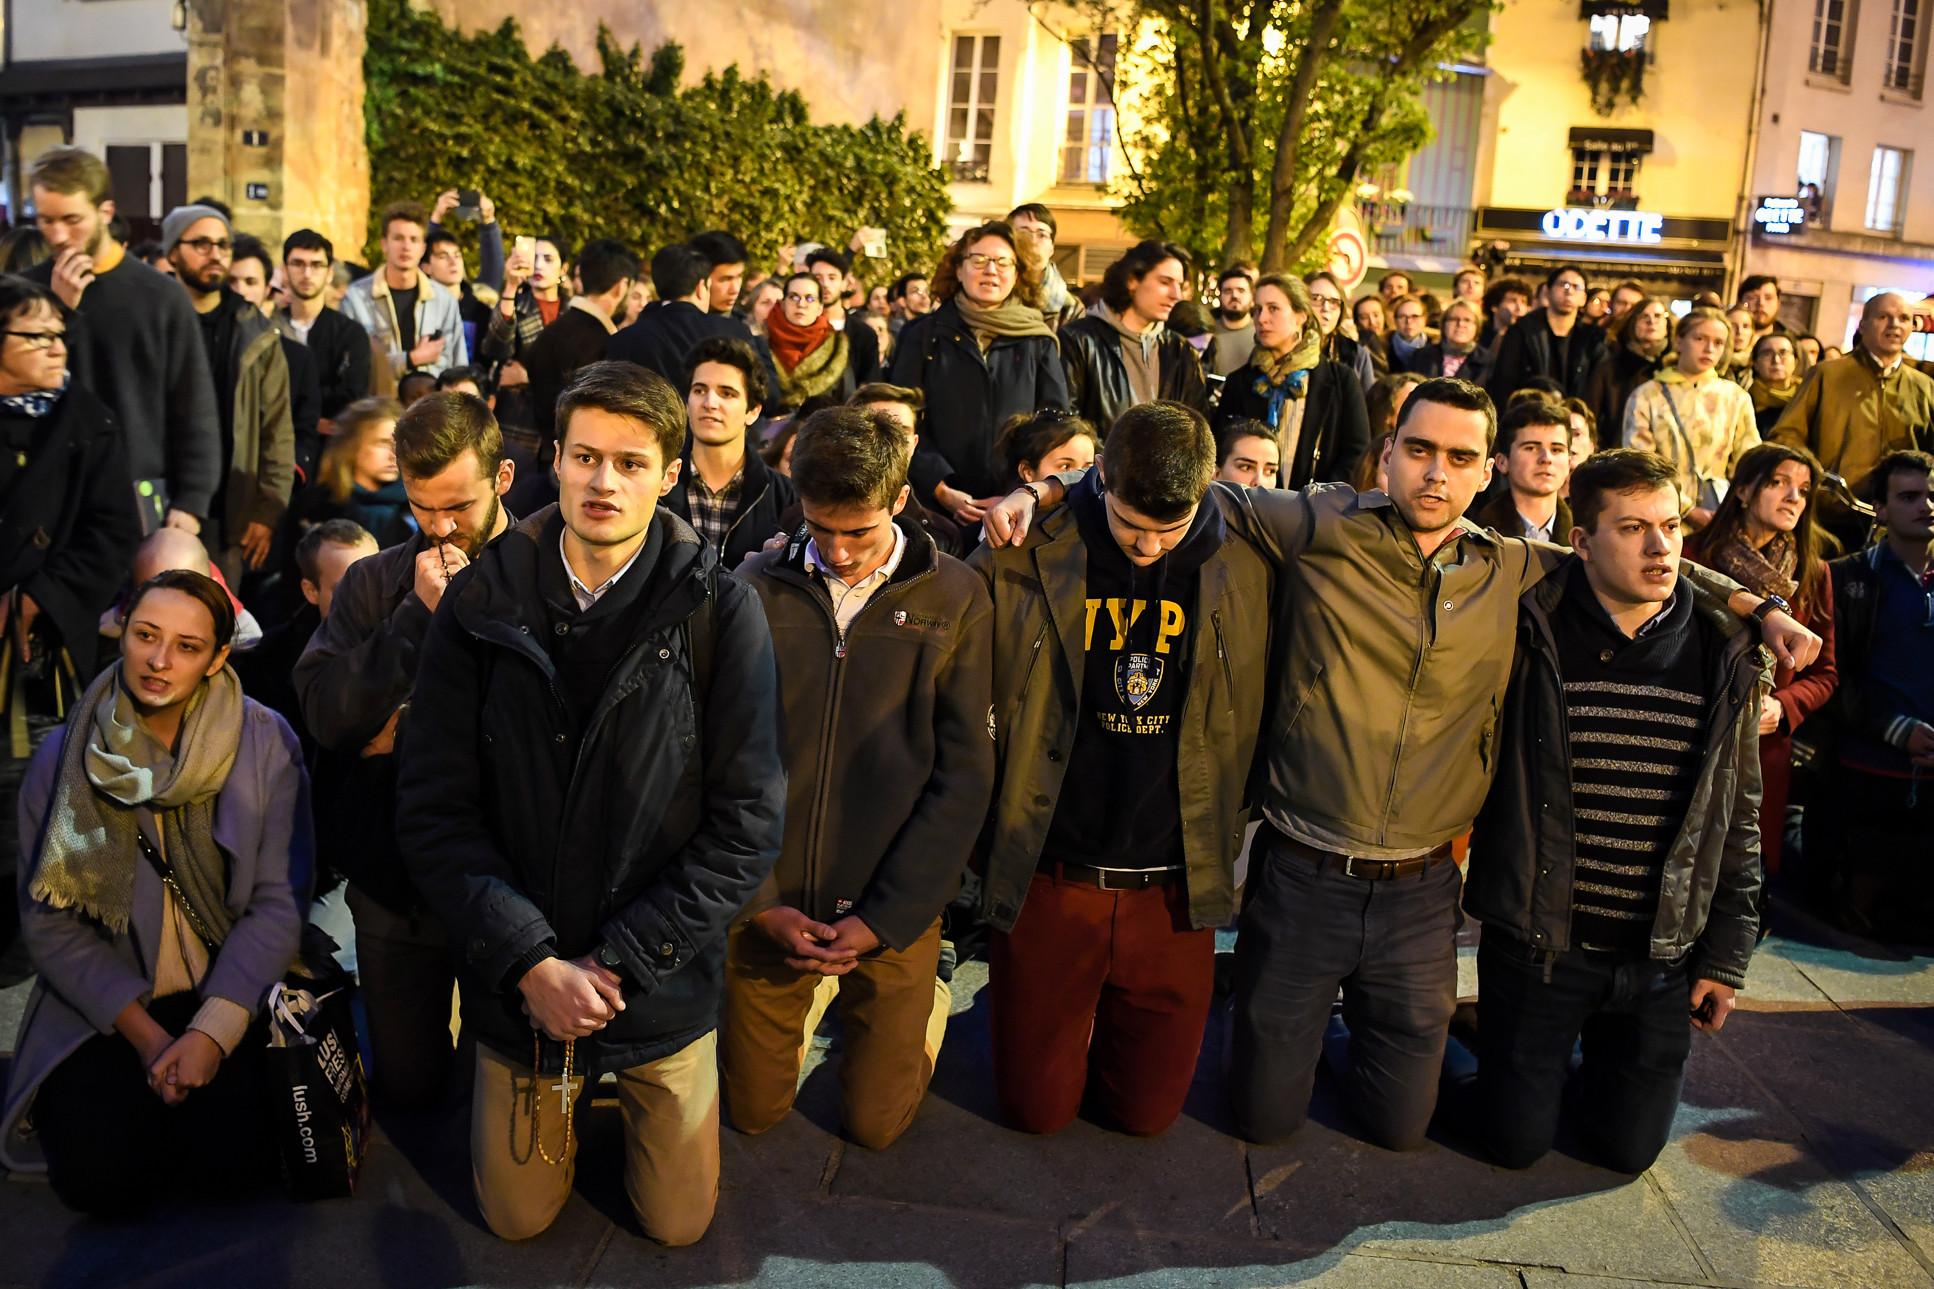 Az emberek a járdán térdelve imádkoznak a katedrális közelében